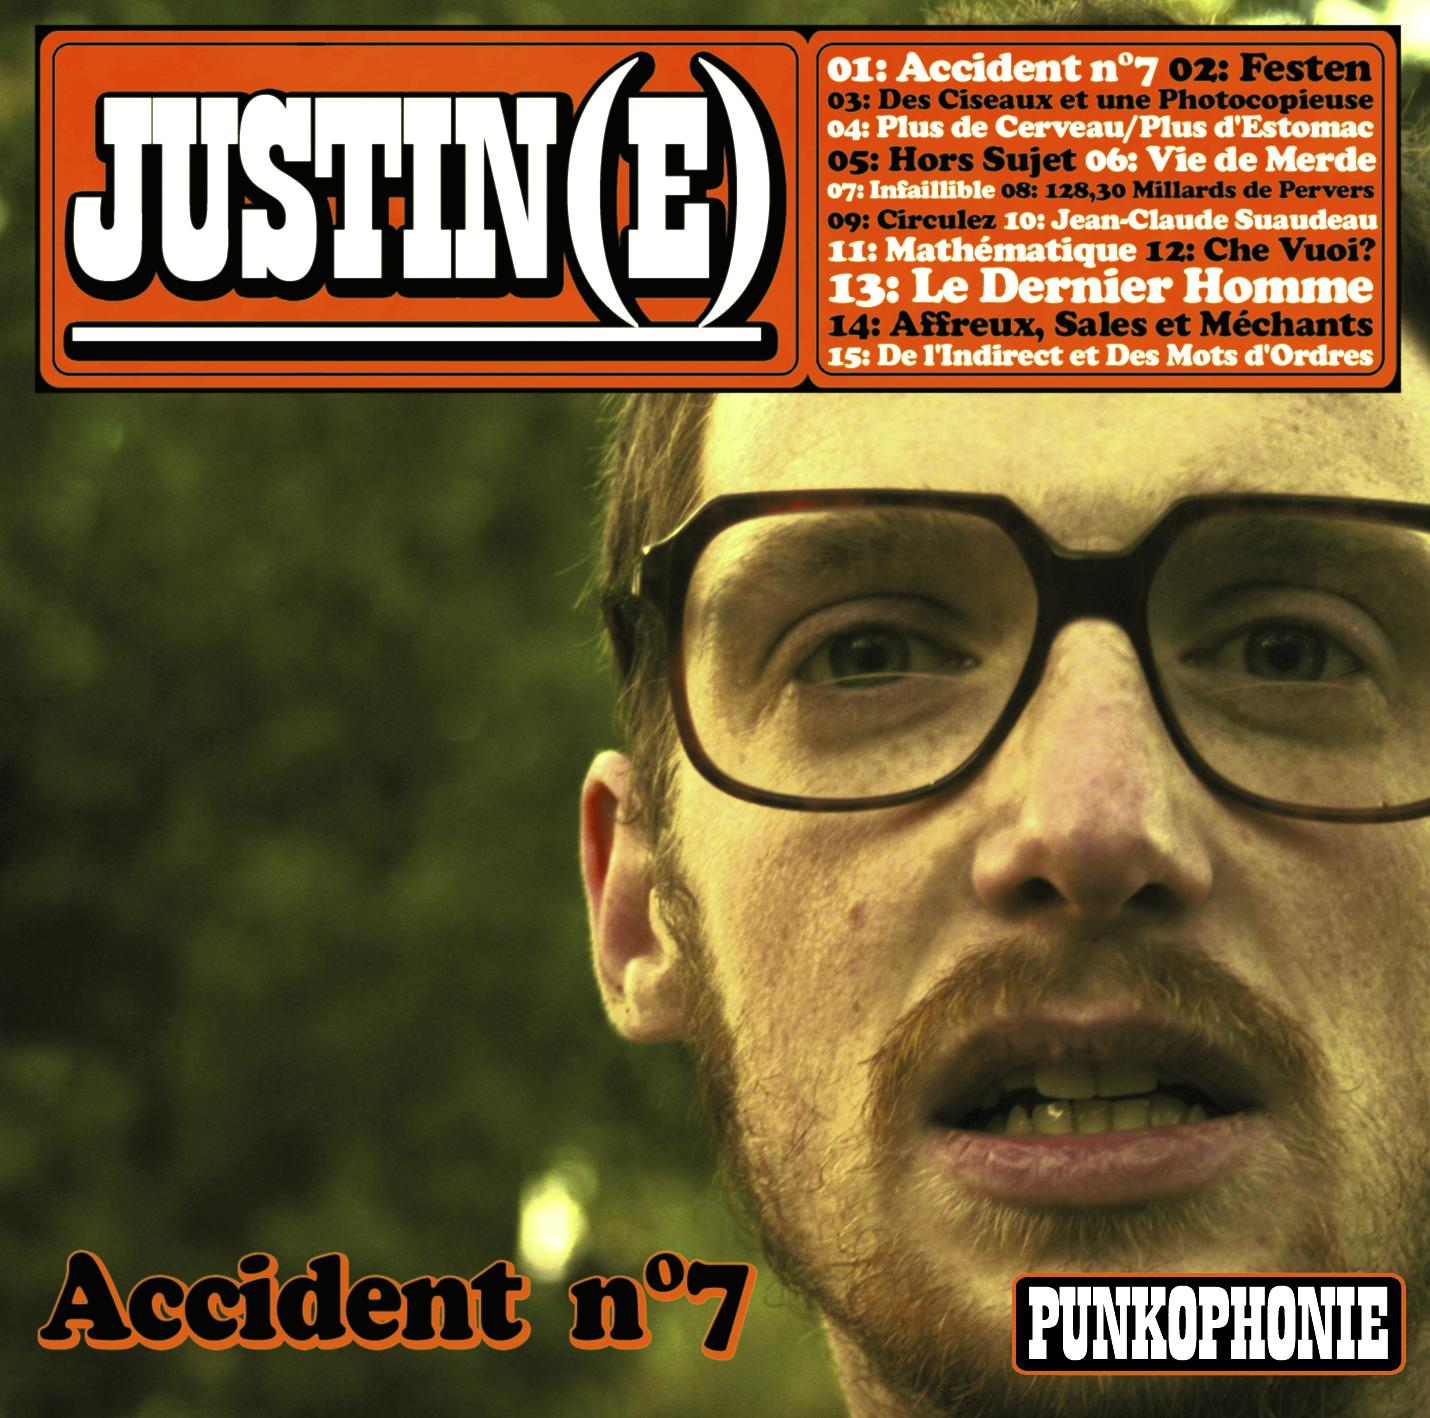 Justine - accident numero 7